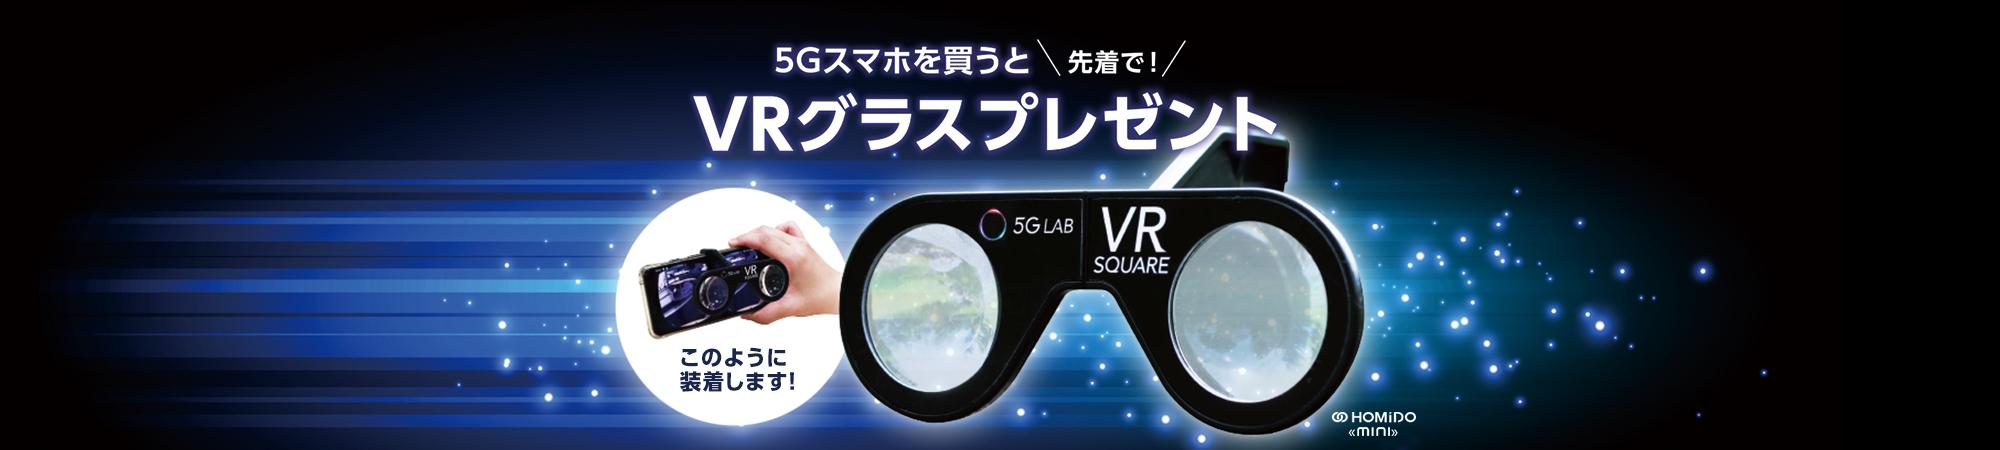 5Gスマホを購入で VRグラスがもらえるキャンペーン